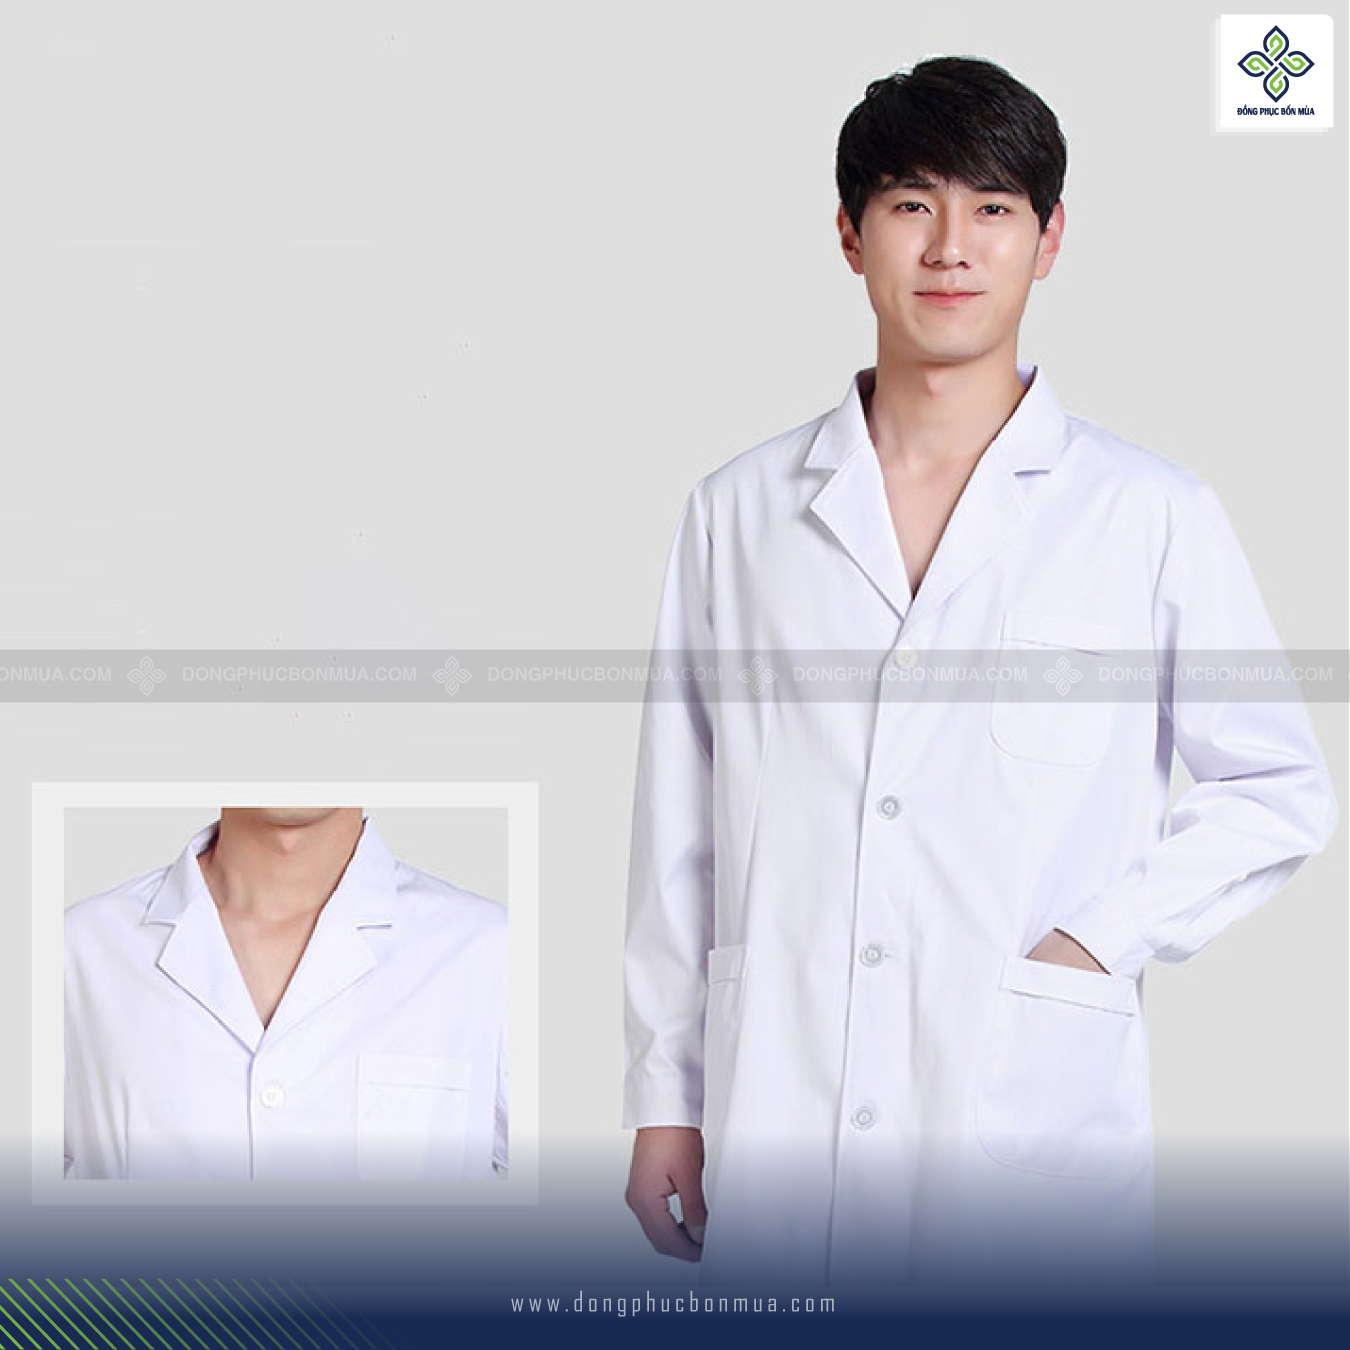 đồng phục ngành y tế